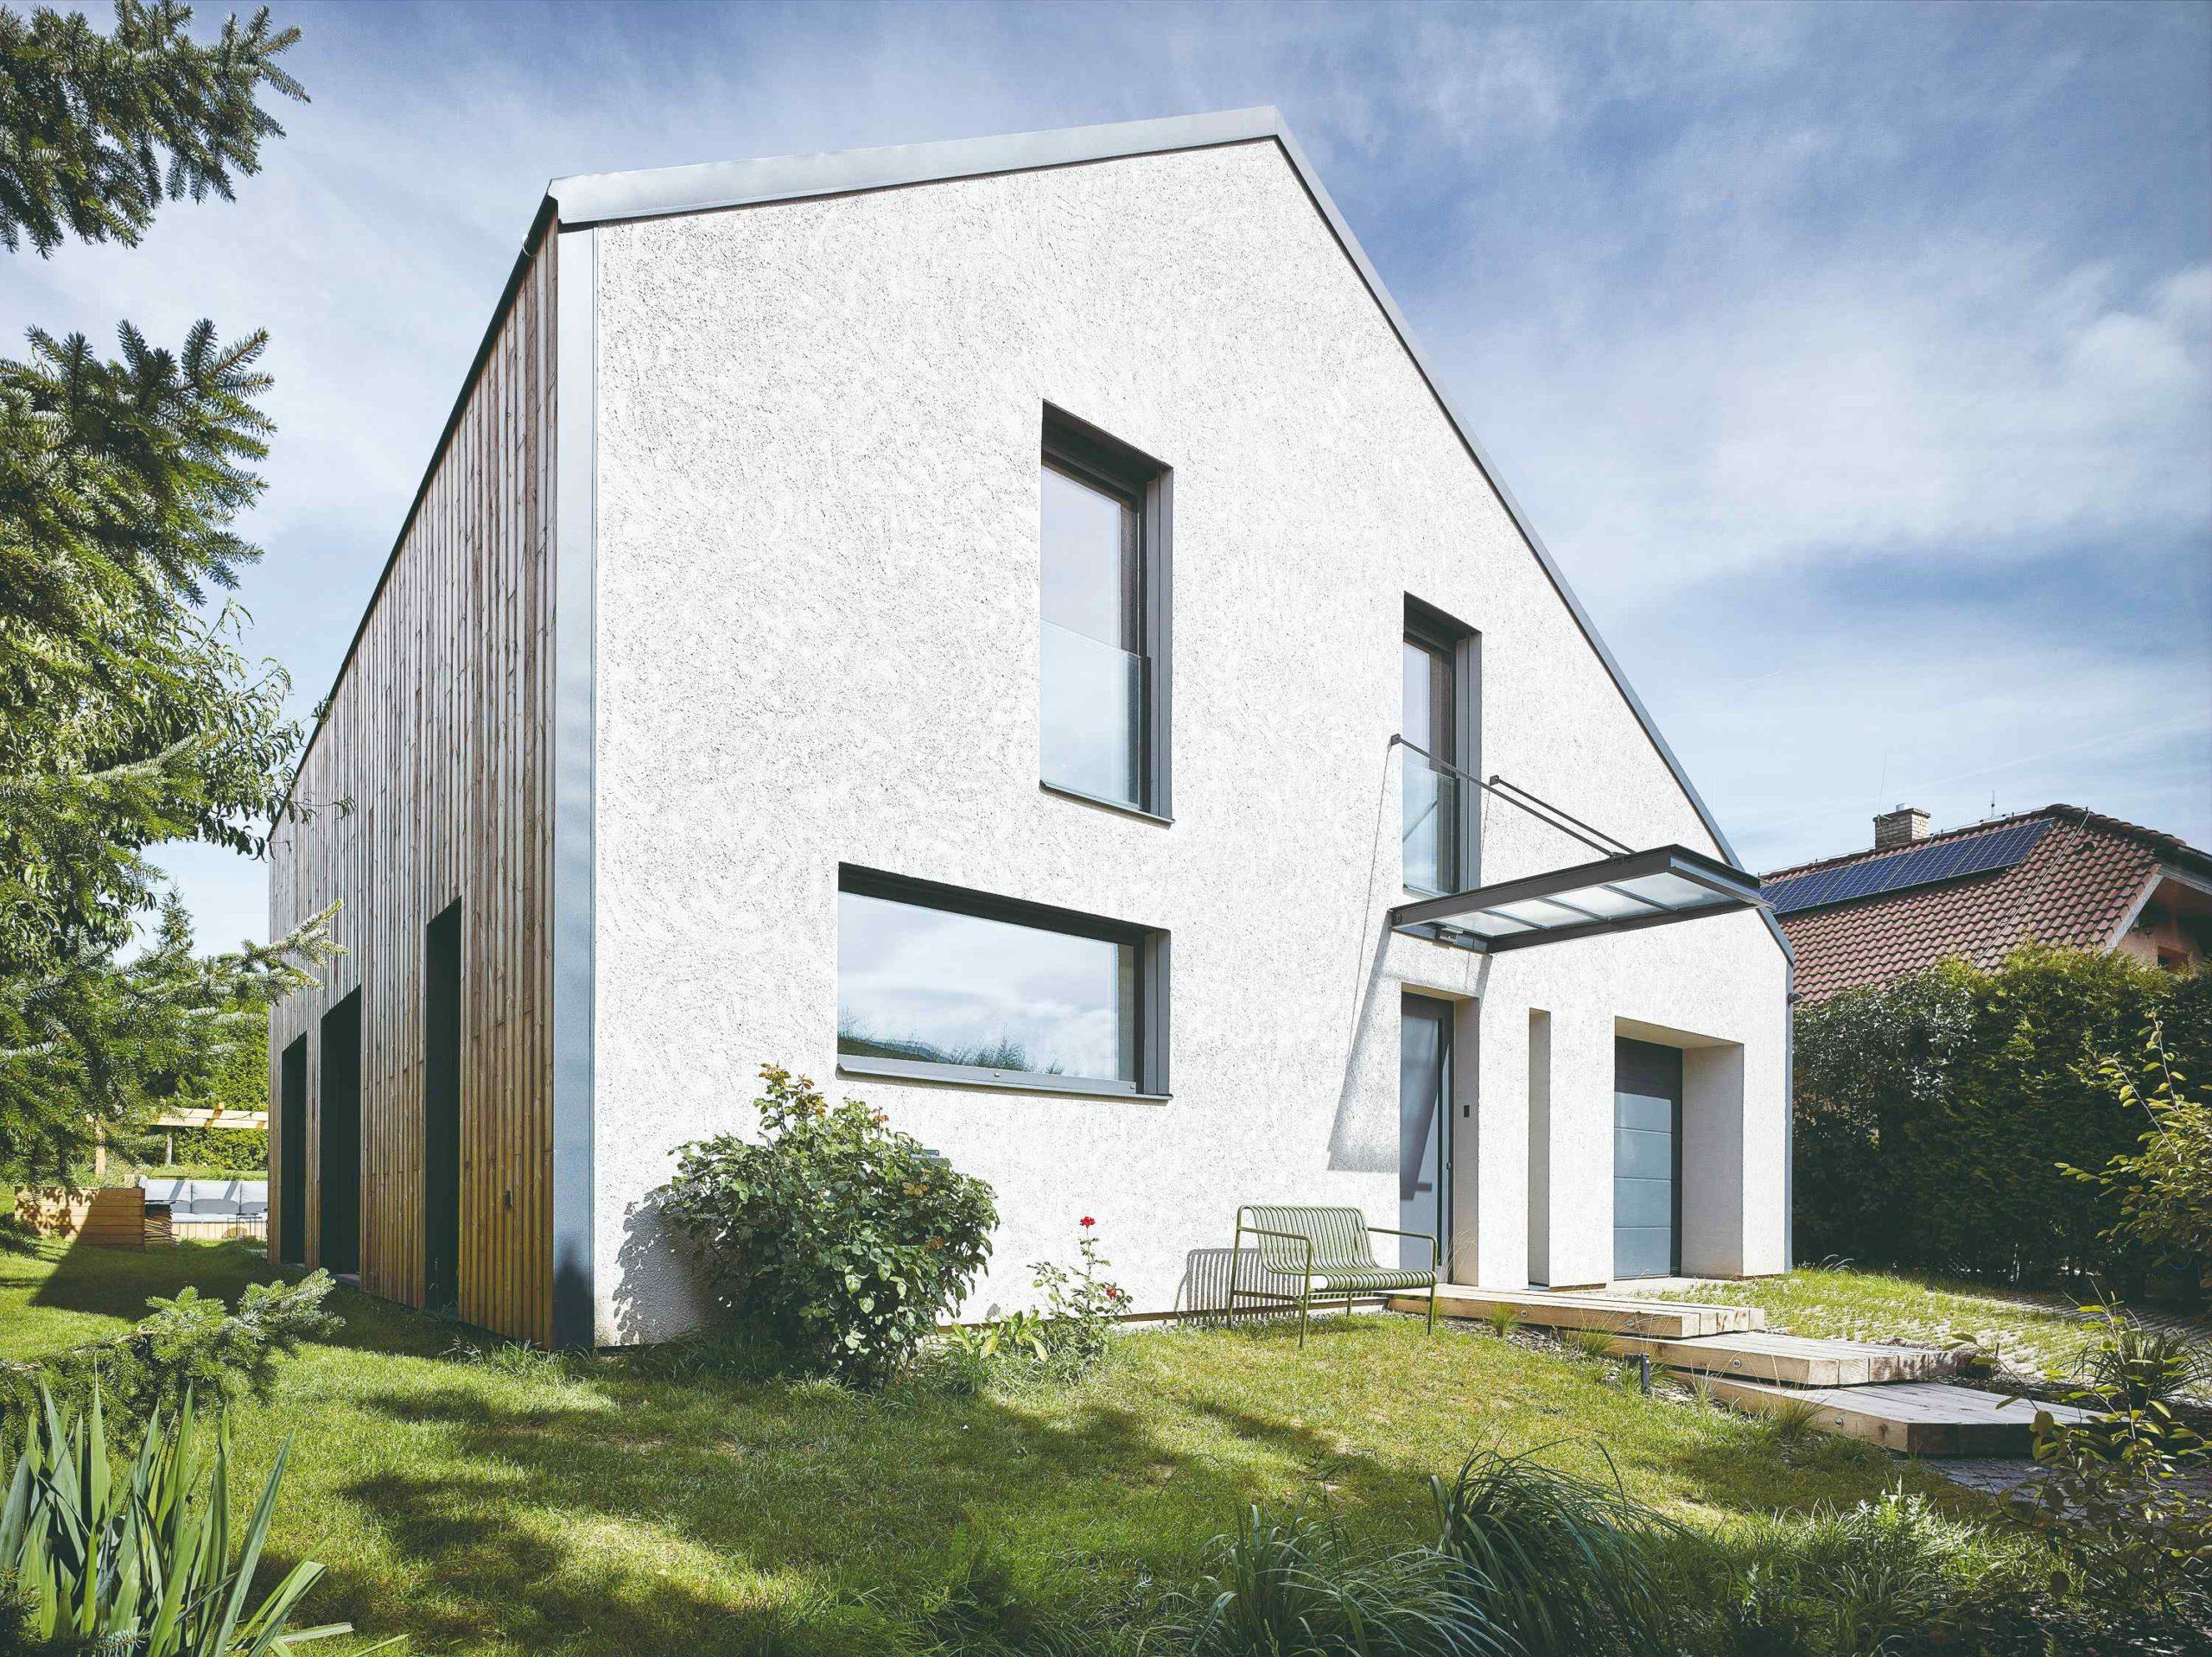 Rekonstruovaný dům s velkými okny